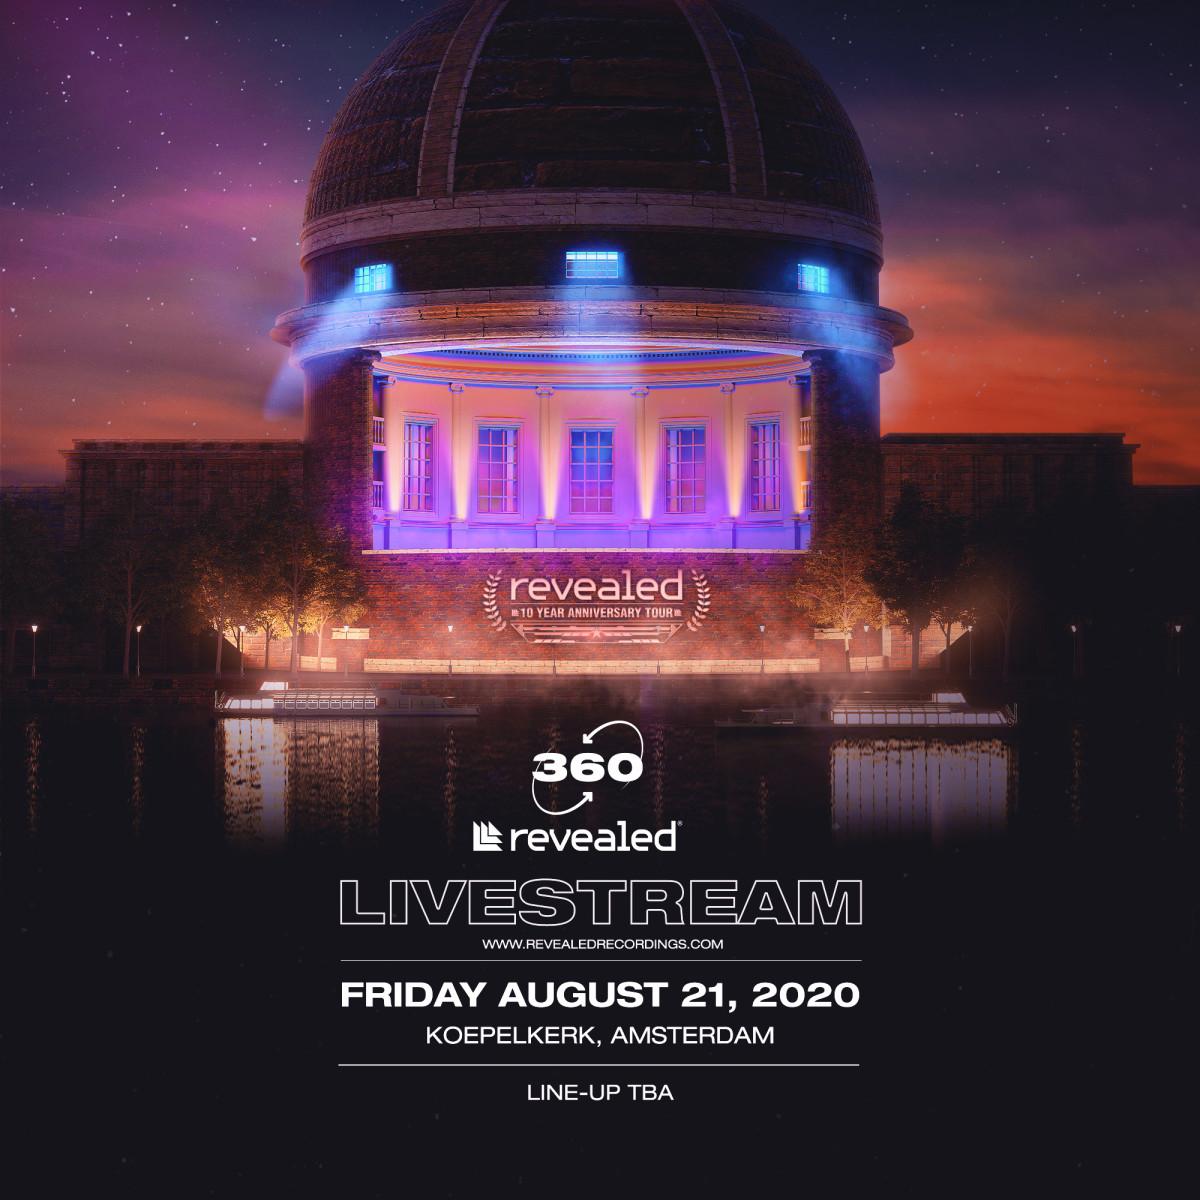 Revealed's 360° livestream event